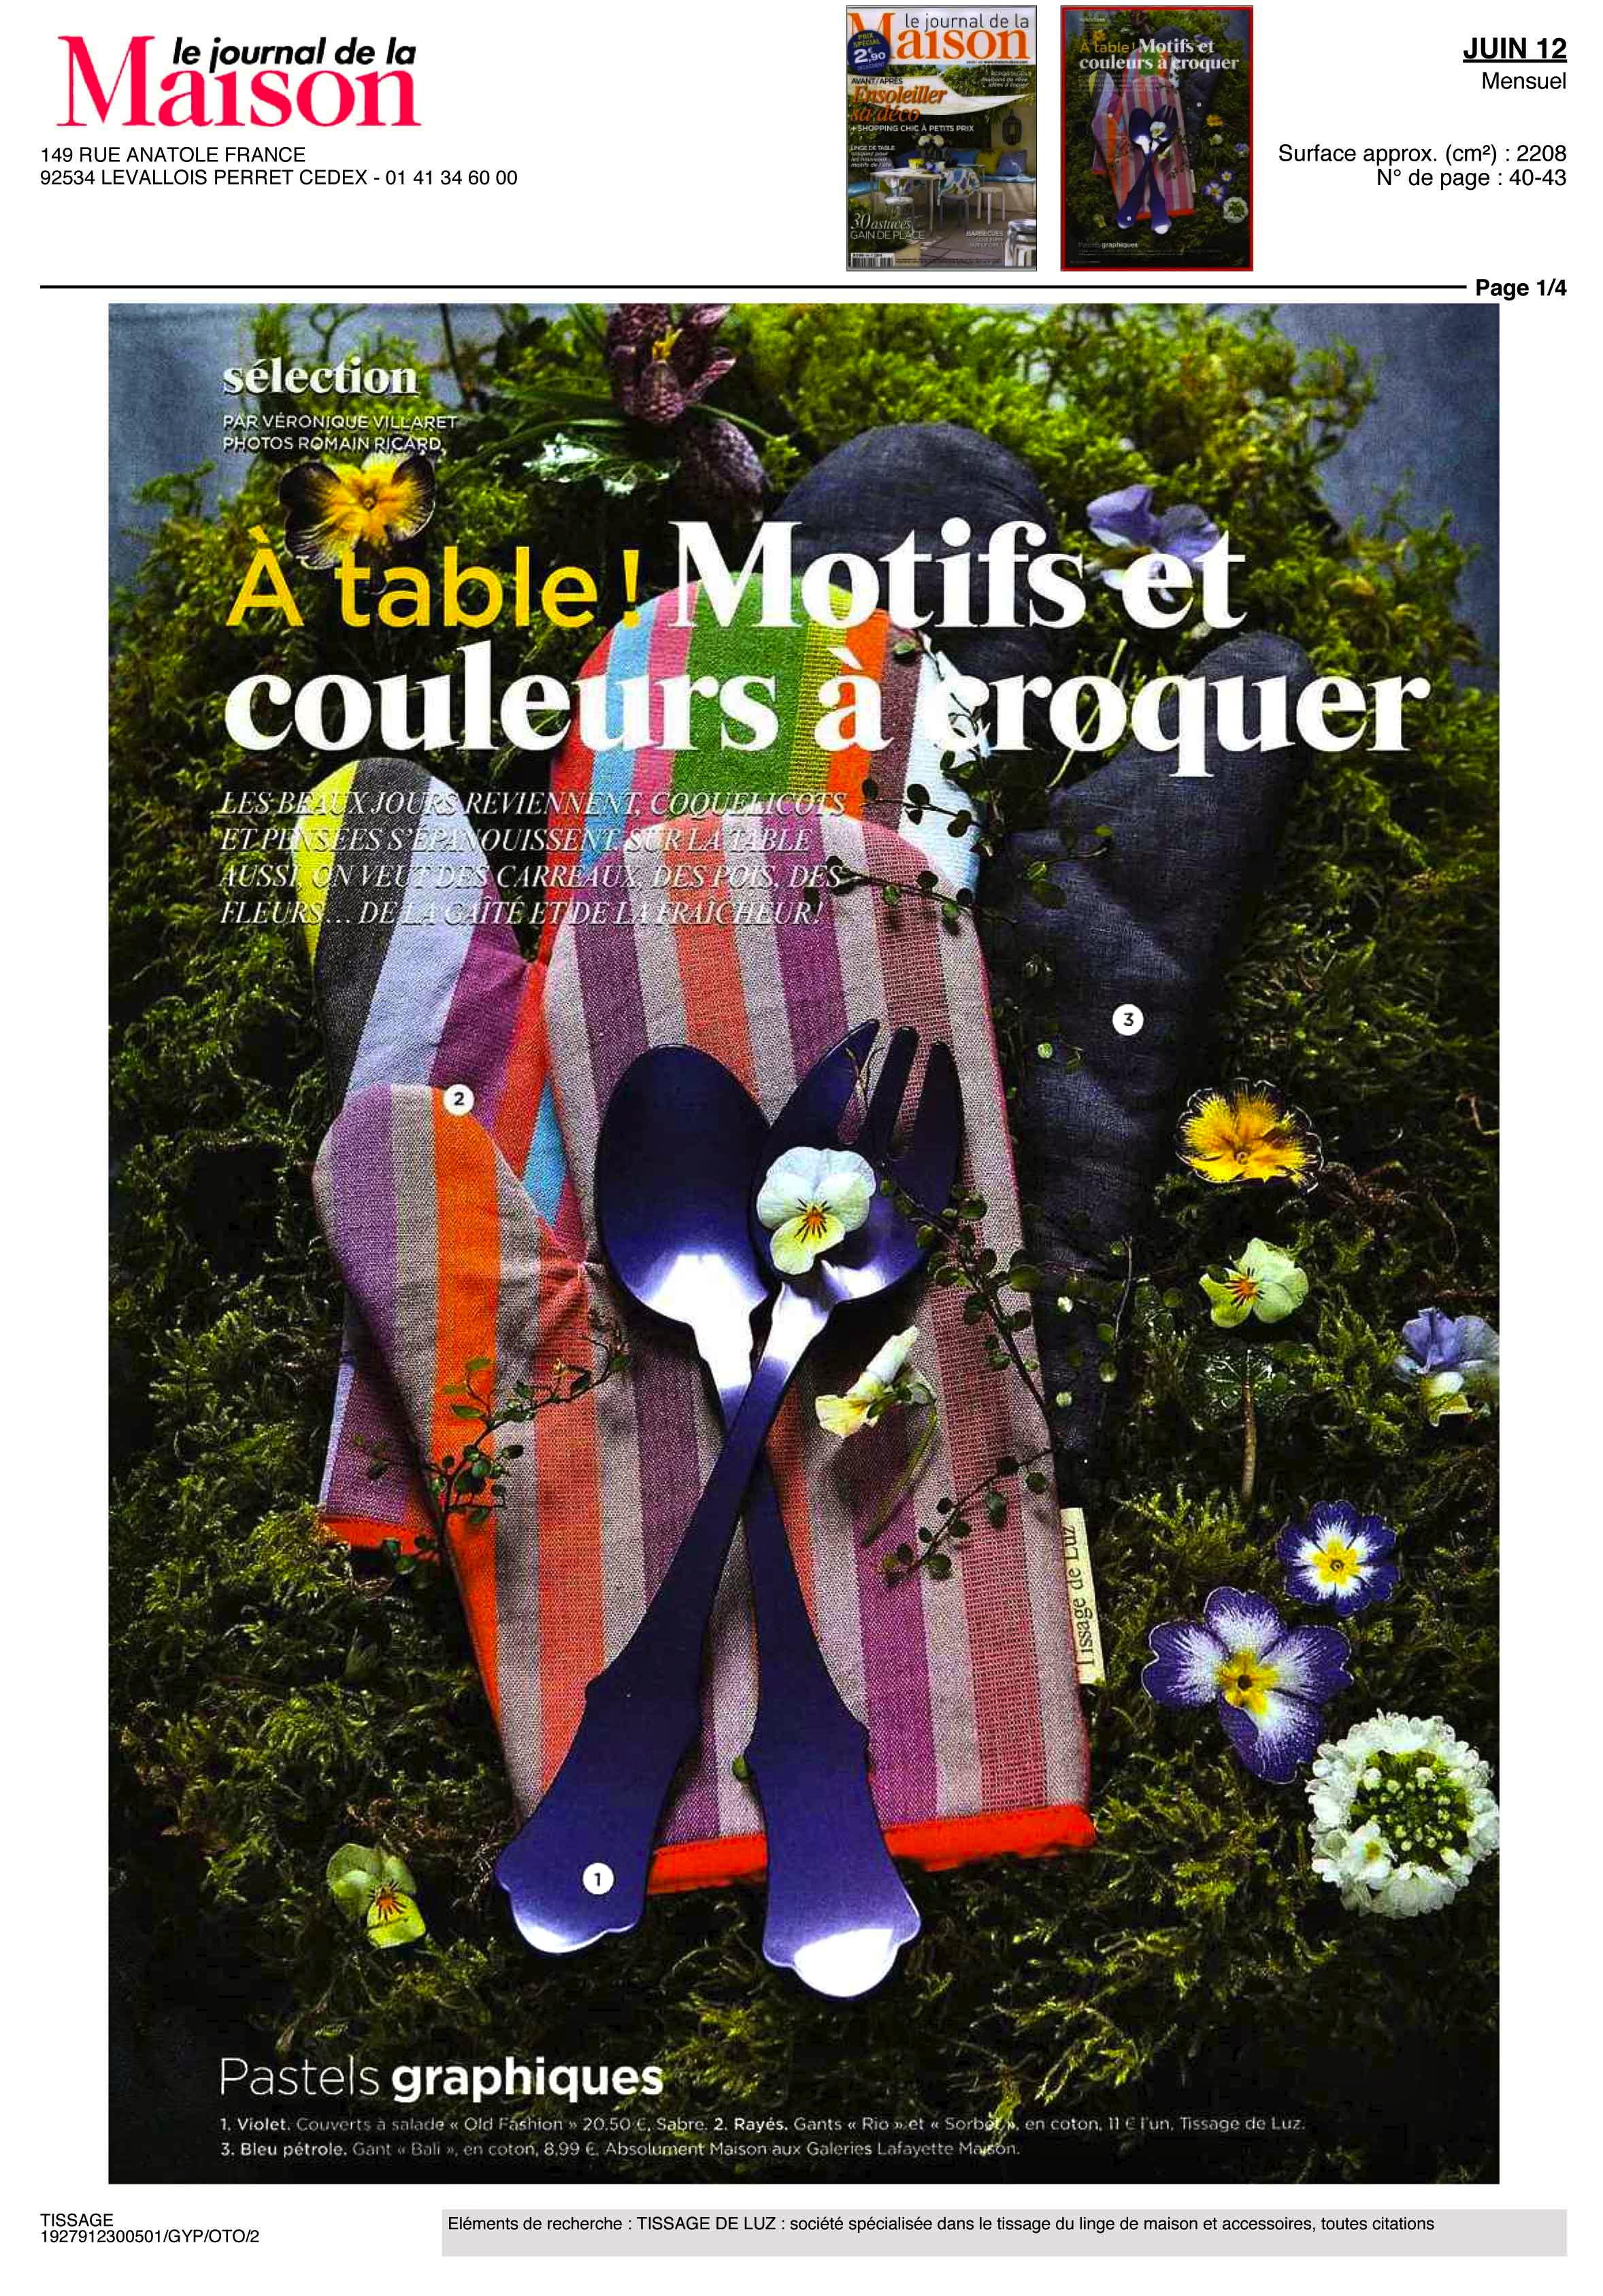 Le Journal de la Maison. Juin 2012